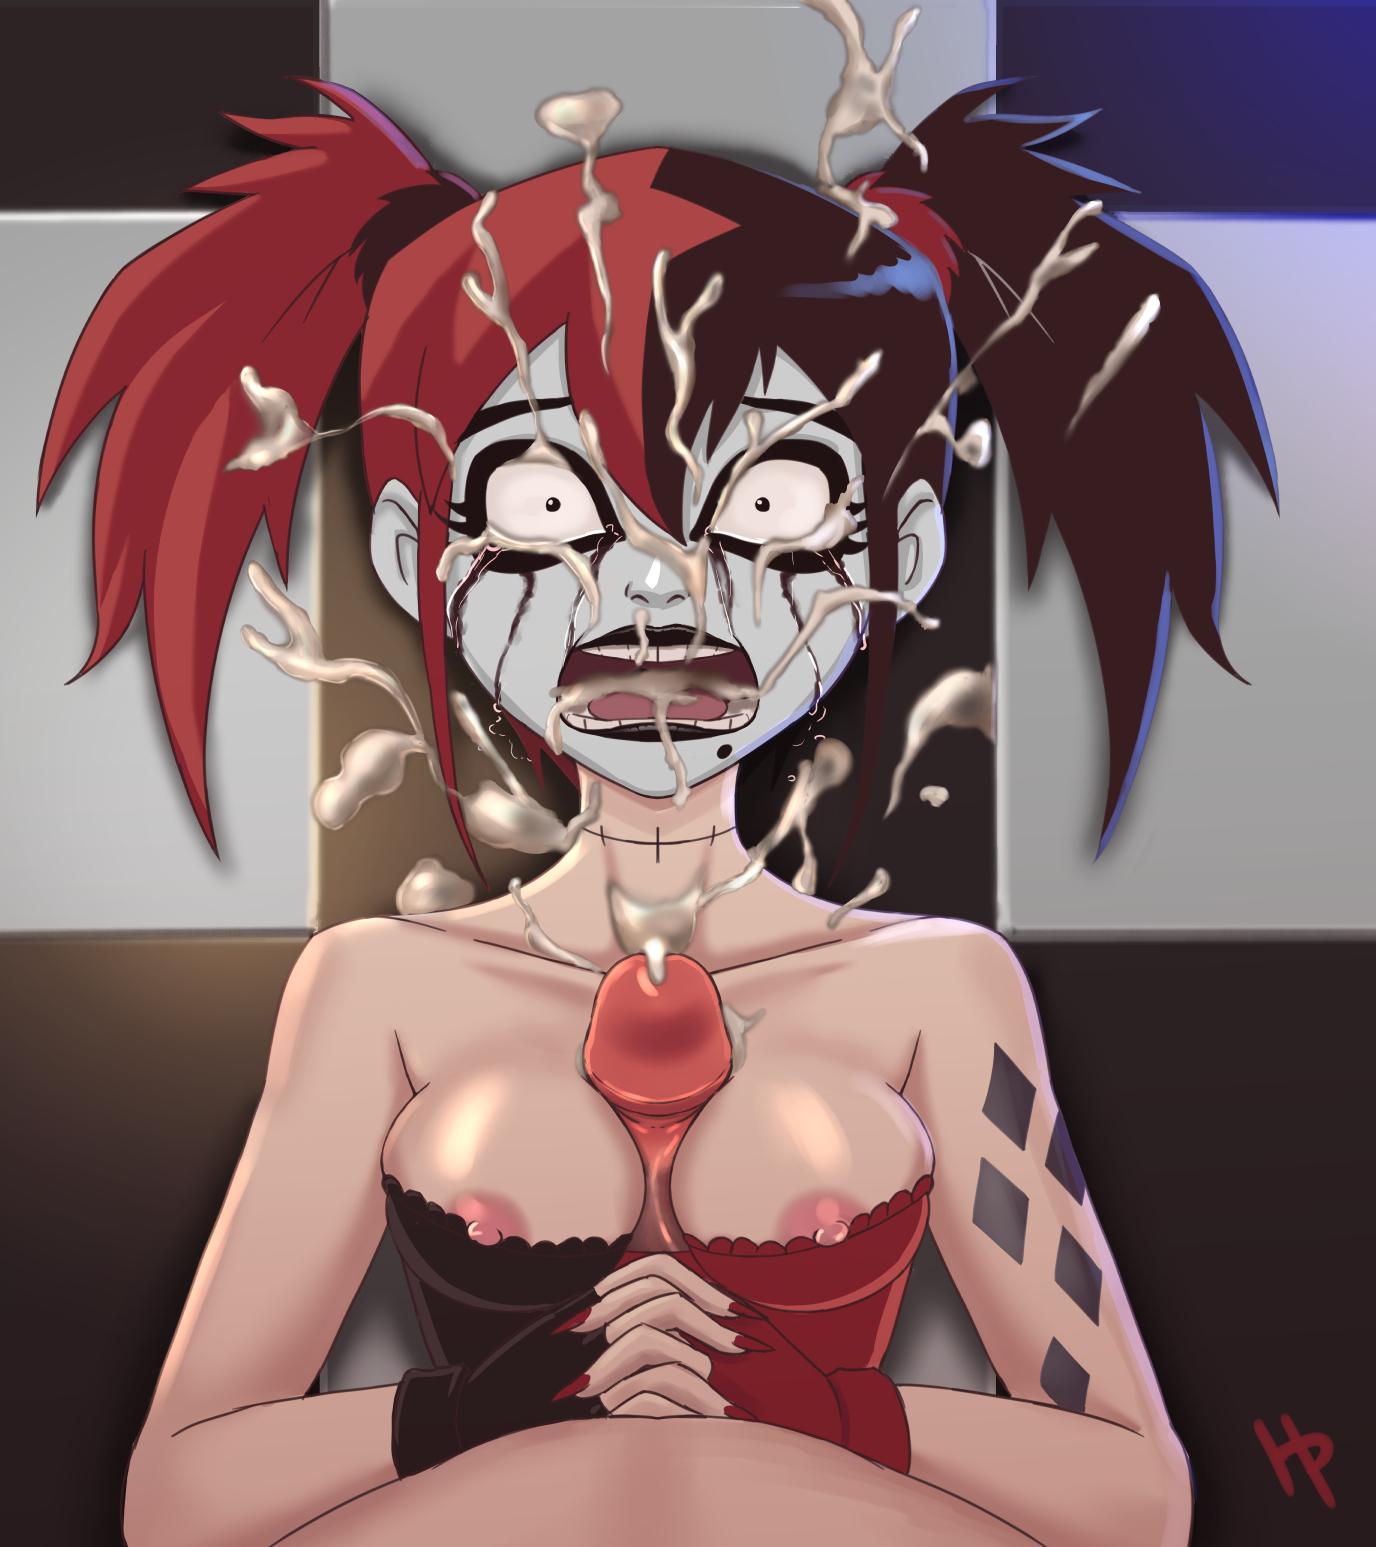 quinn porn Harley hentai